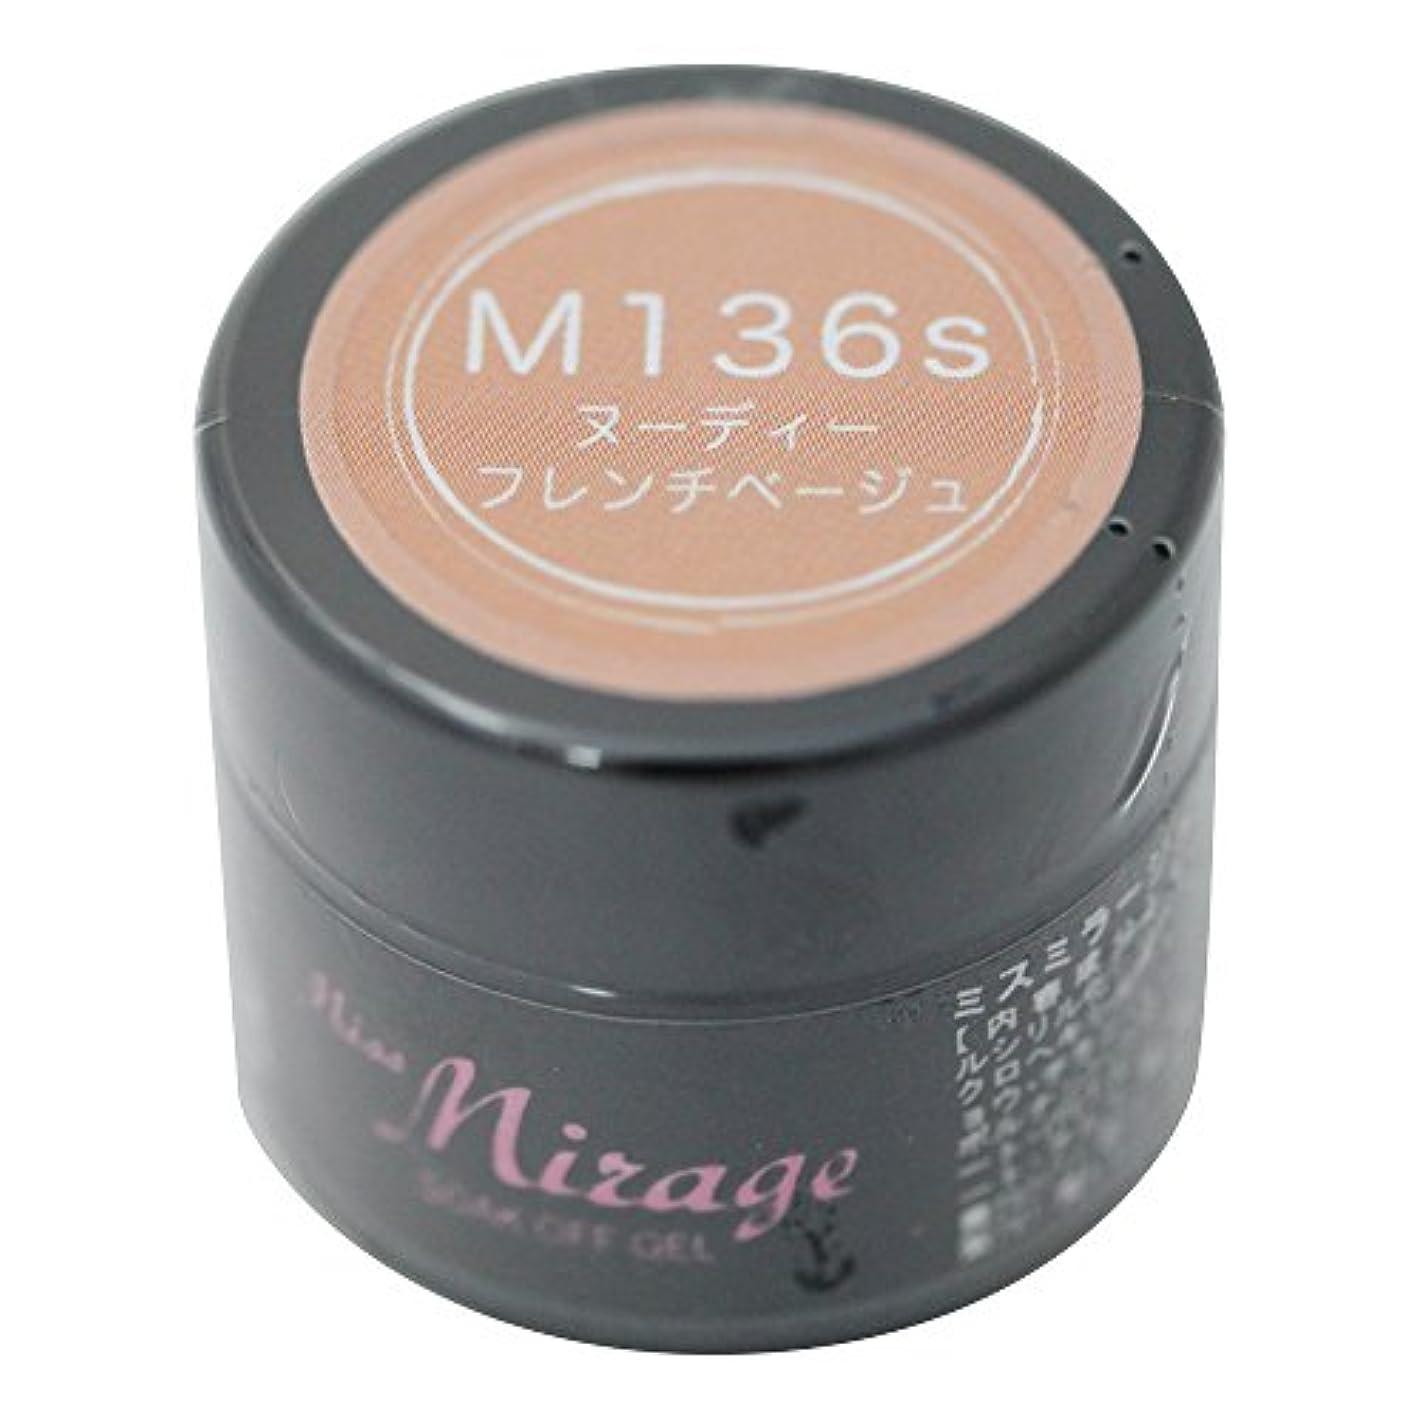 水族館ハシー急速なMiss Mirage M136S ヌーディーフレンチベージュ 2.5g UV/LED対応タイオウ